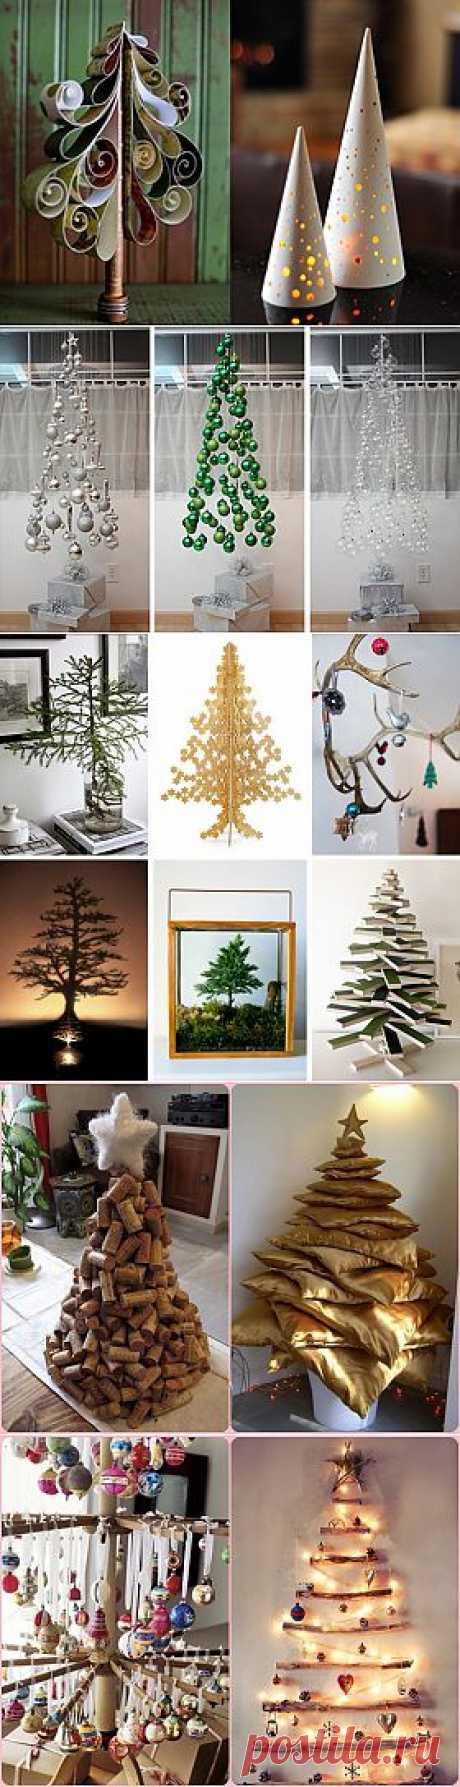 Как сделать необычную елку для Нового года своими руками: фото